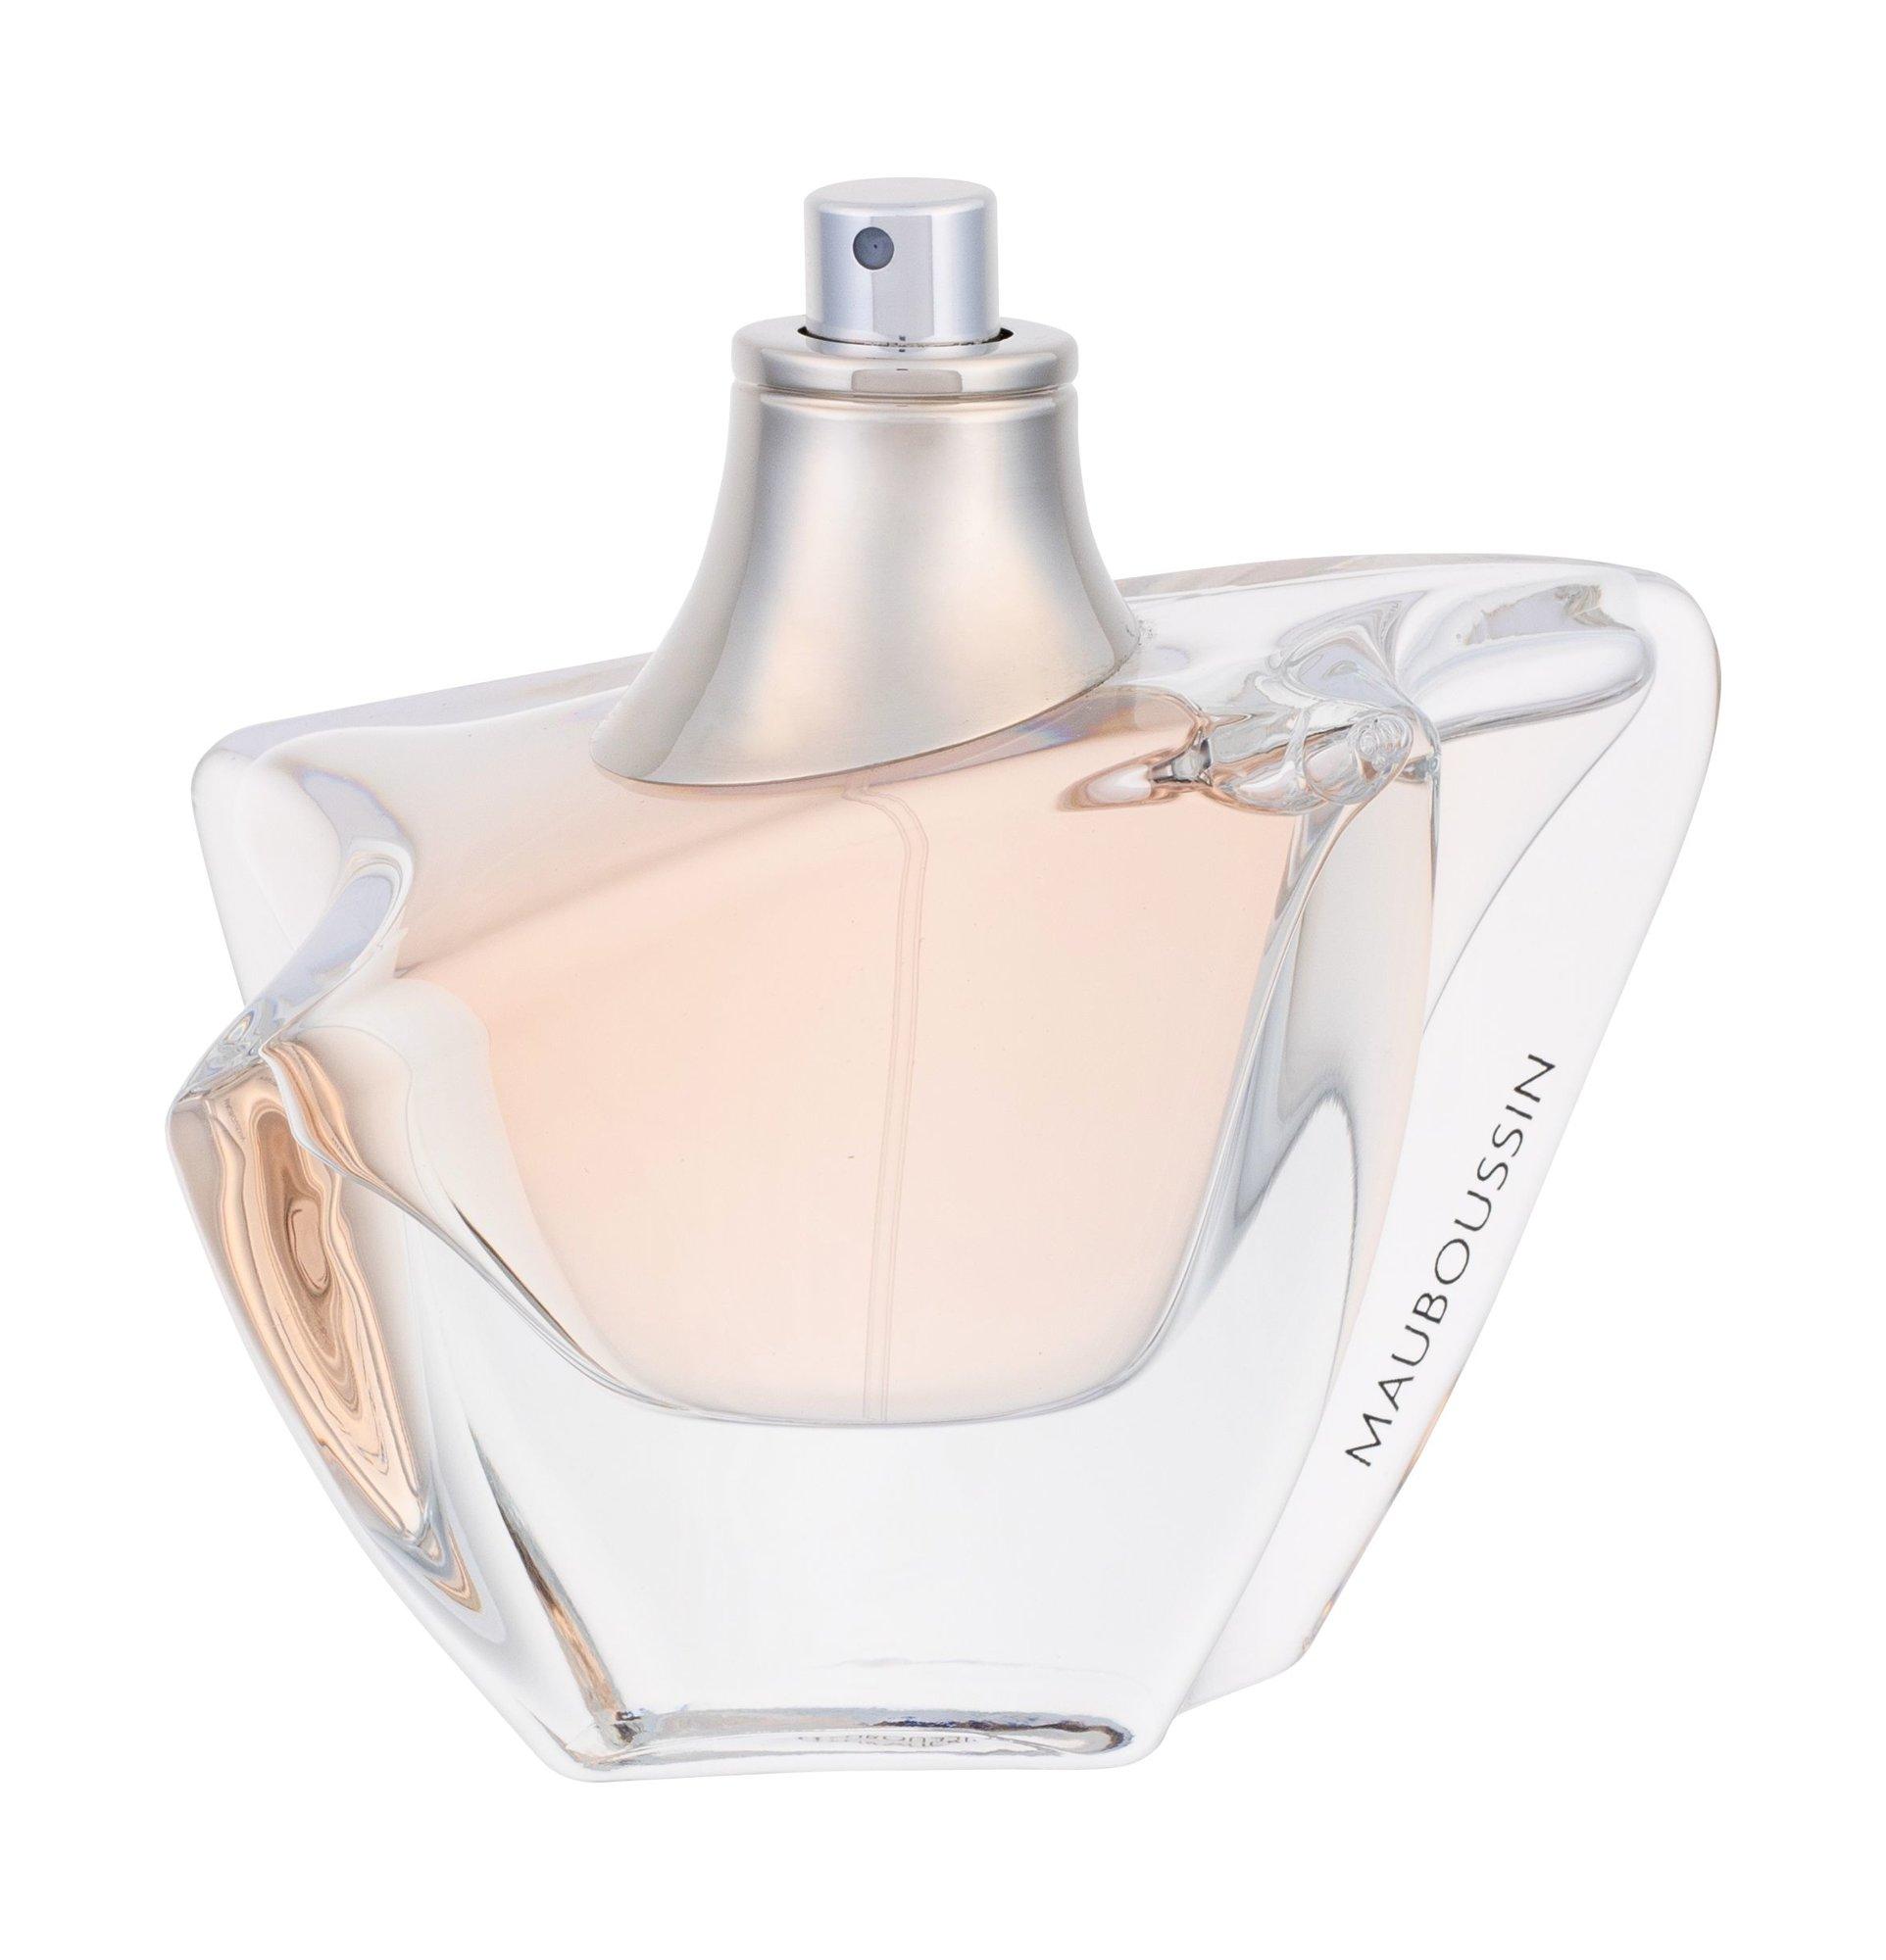 Mauboussin Mauboussin Pour Elle Eau de Parfum 50ml